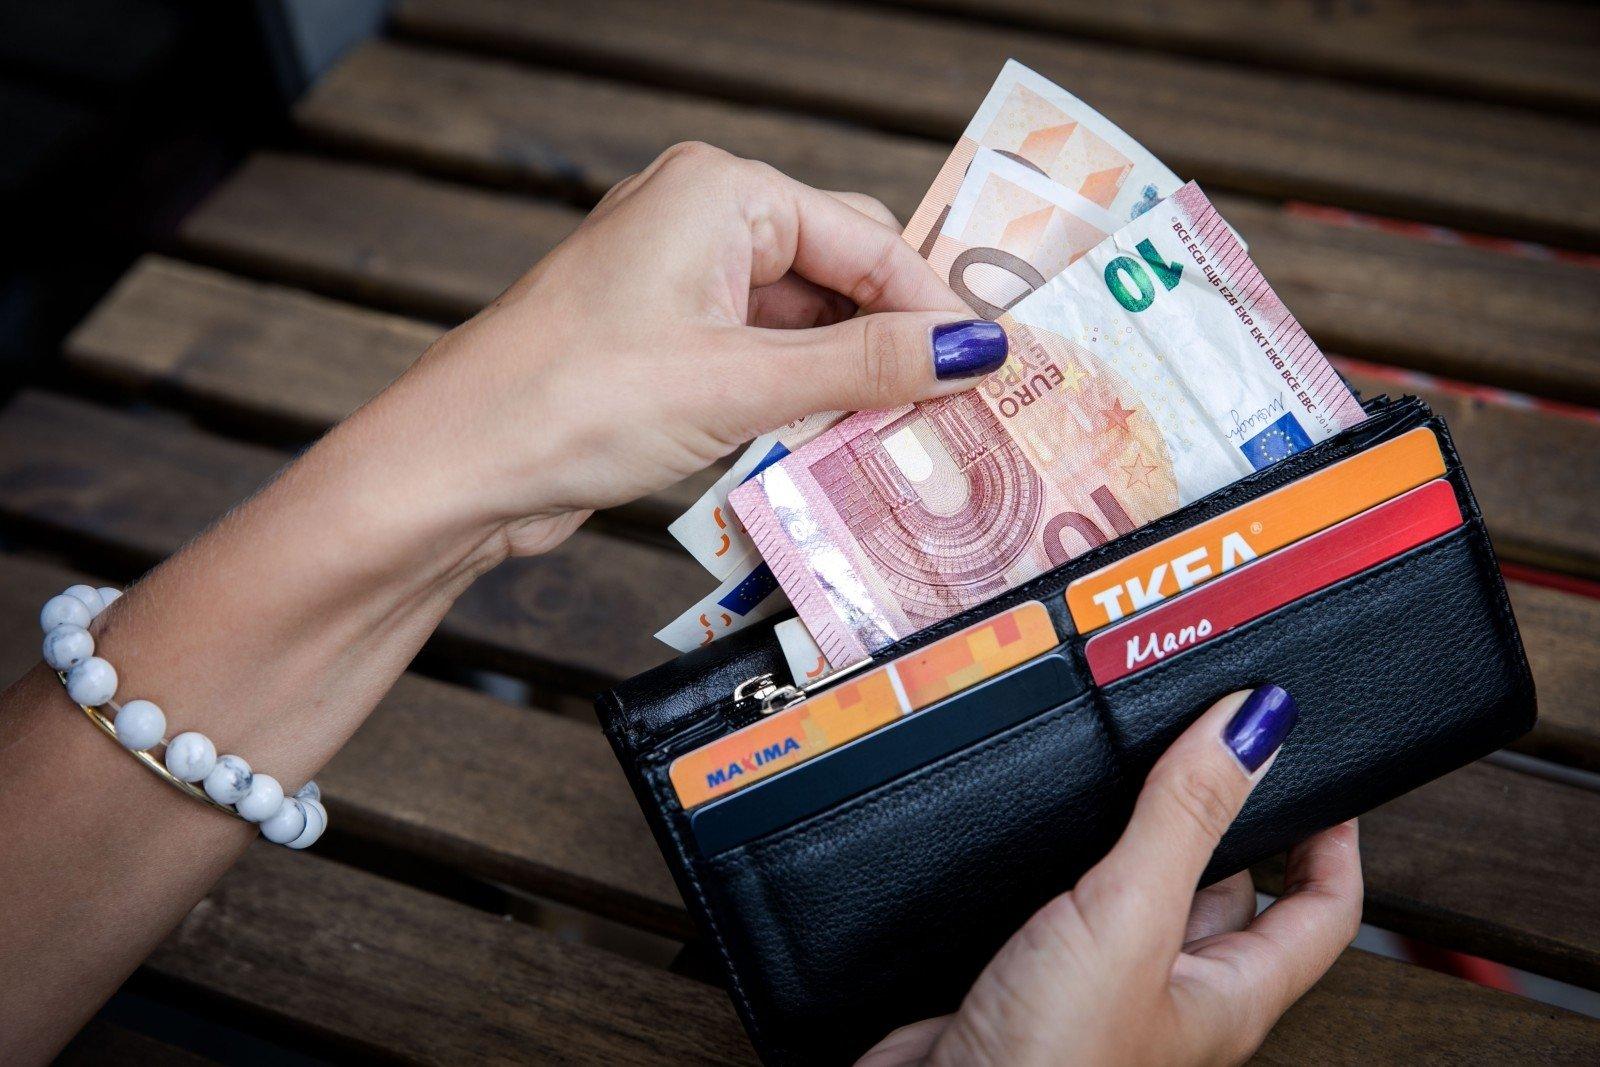 Paprasta būti turtingam: 10 būdų užsidirbti pinigų neišėjus iš namų